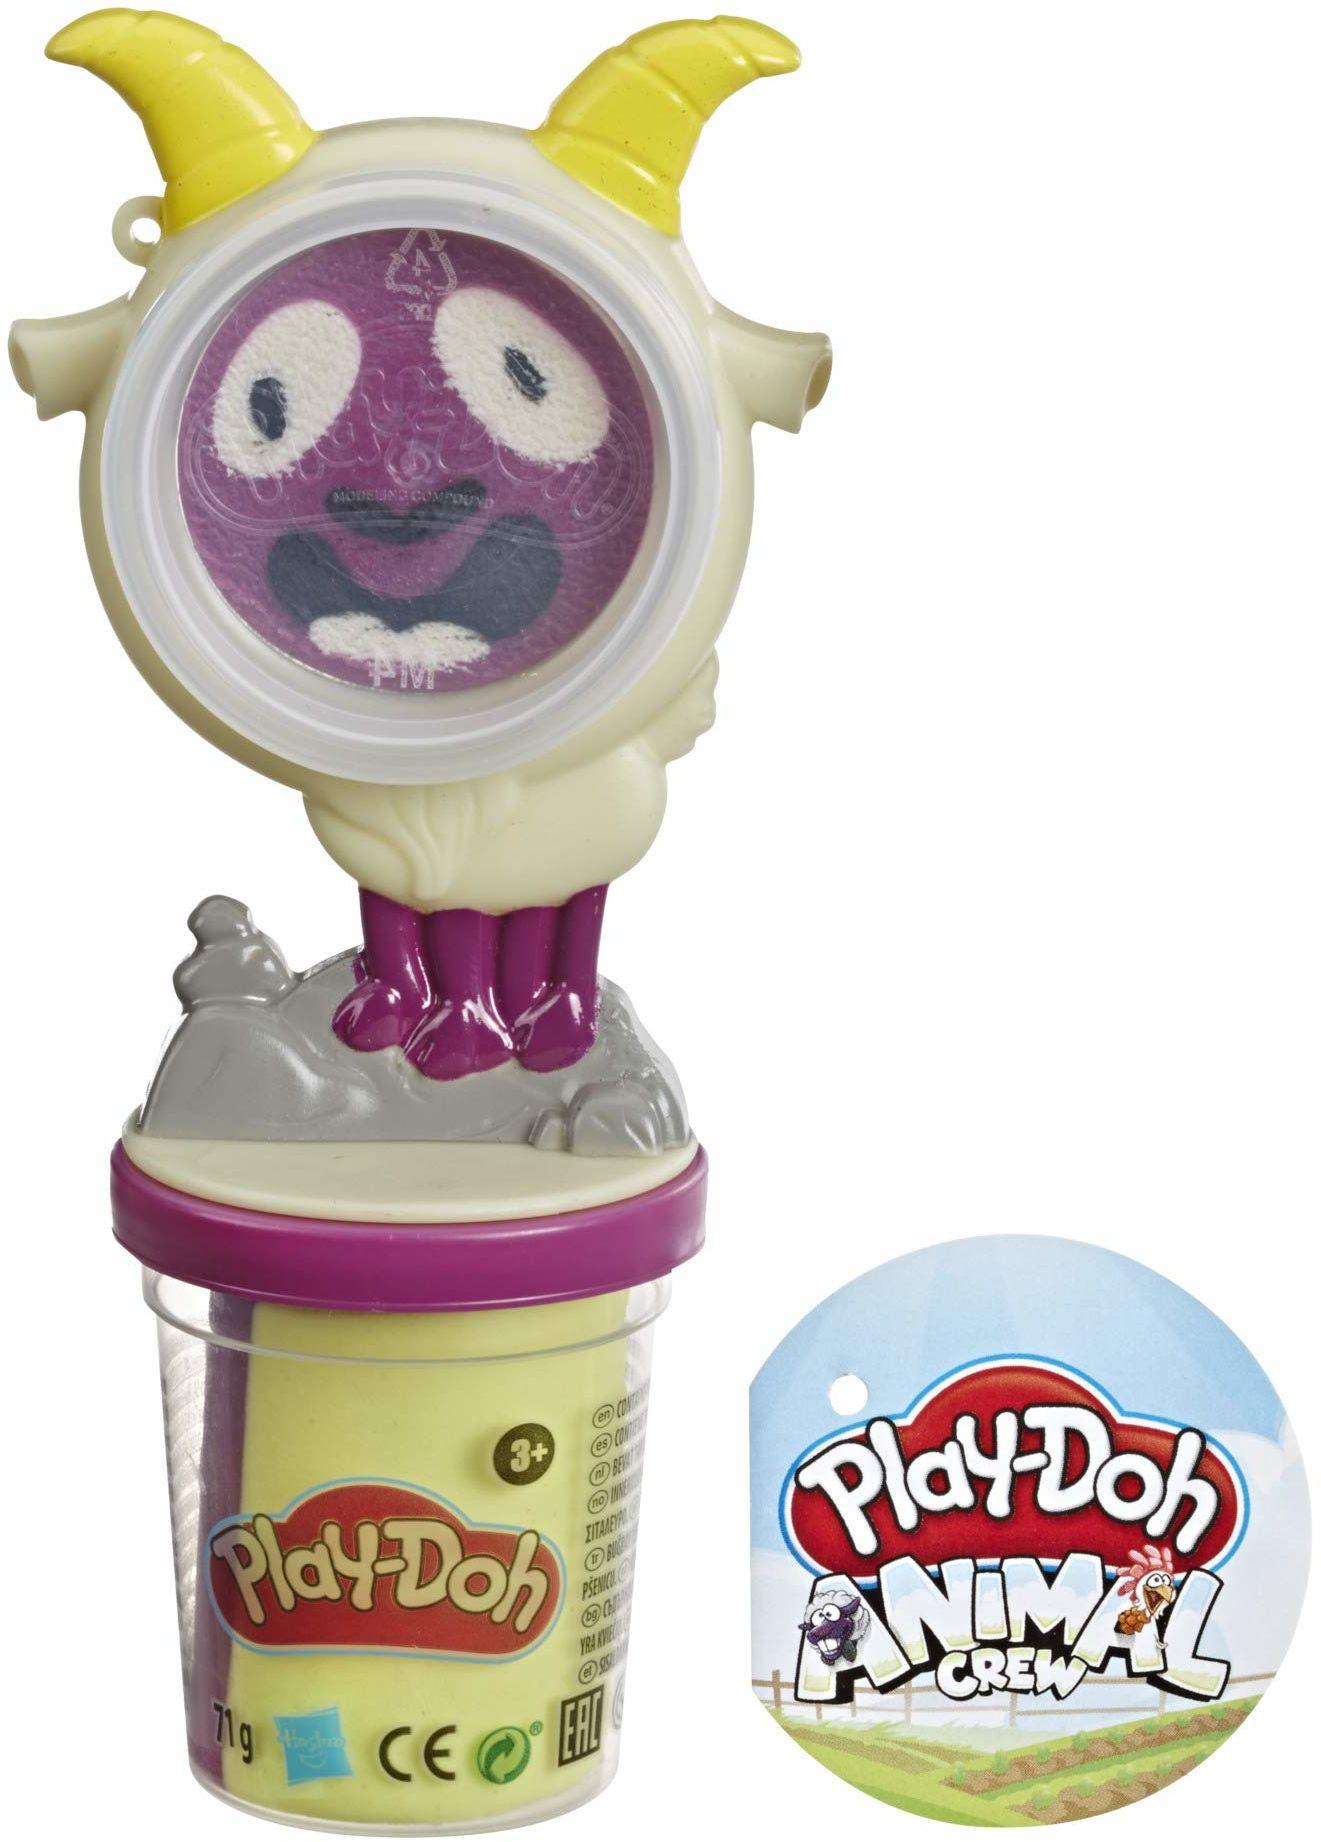 AST Pld E6722Eu2 Play-Doh Farma Tuby Z Pieczątkami E6722